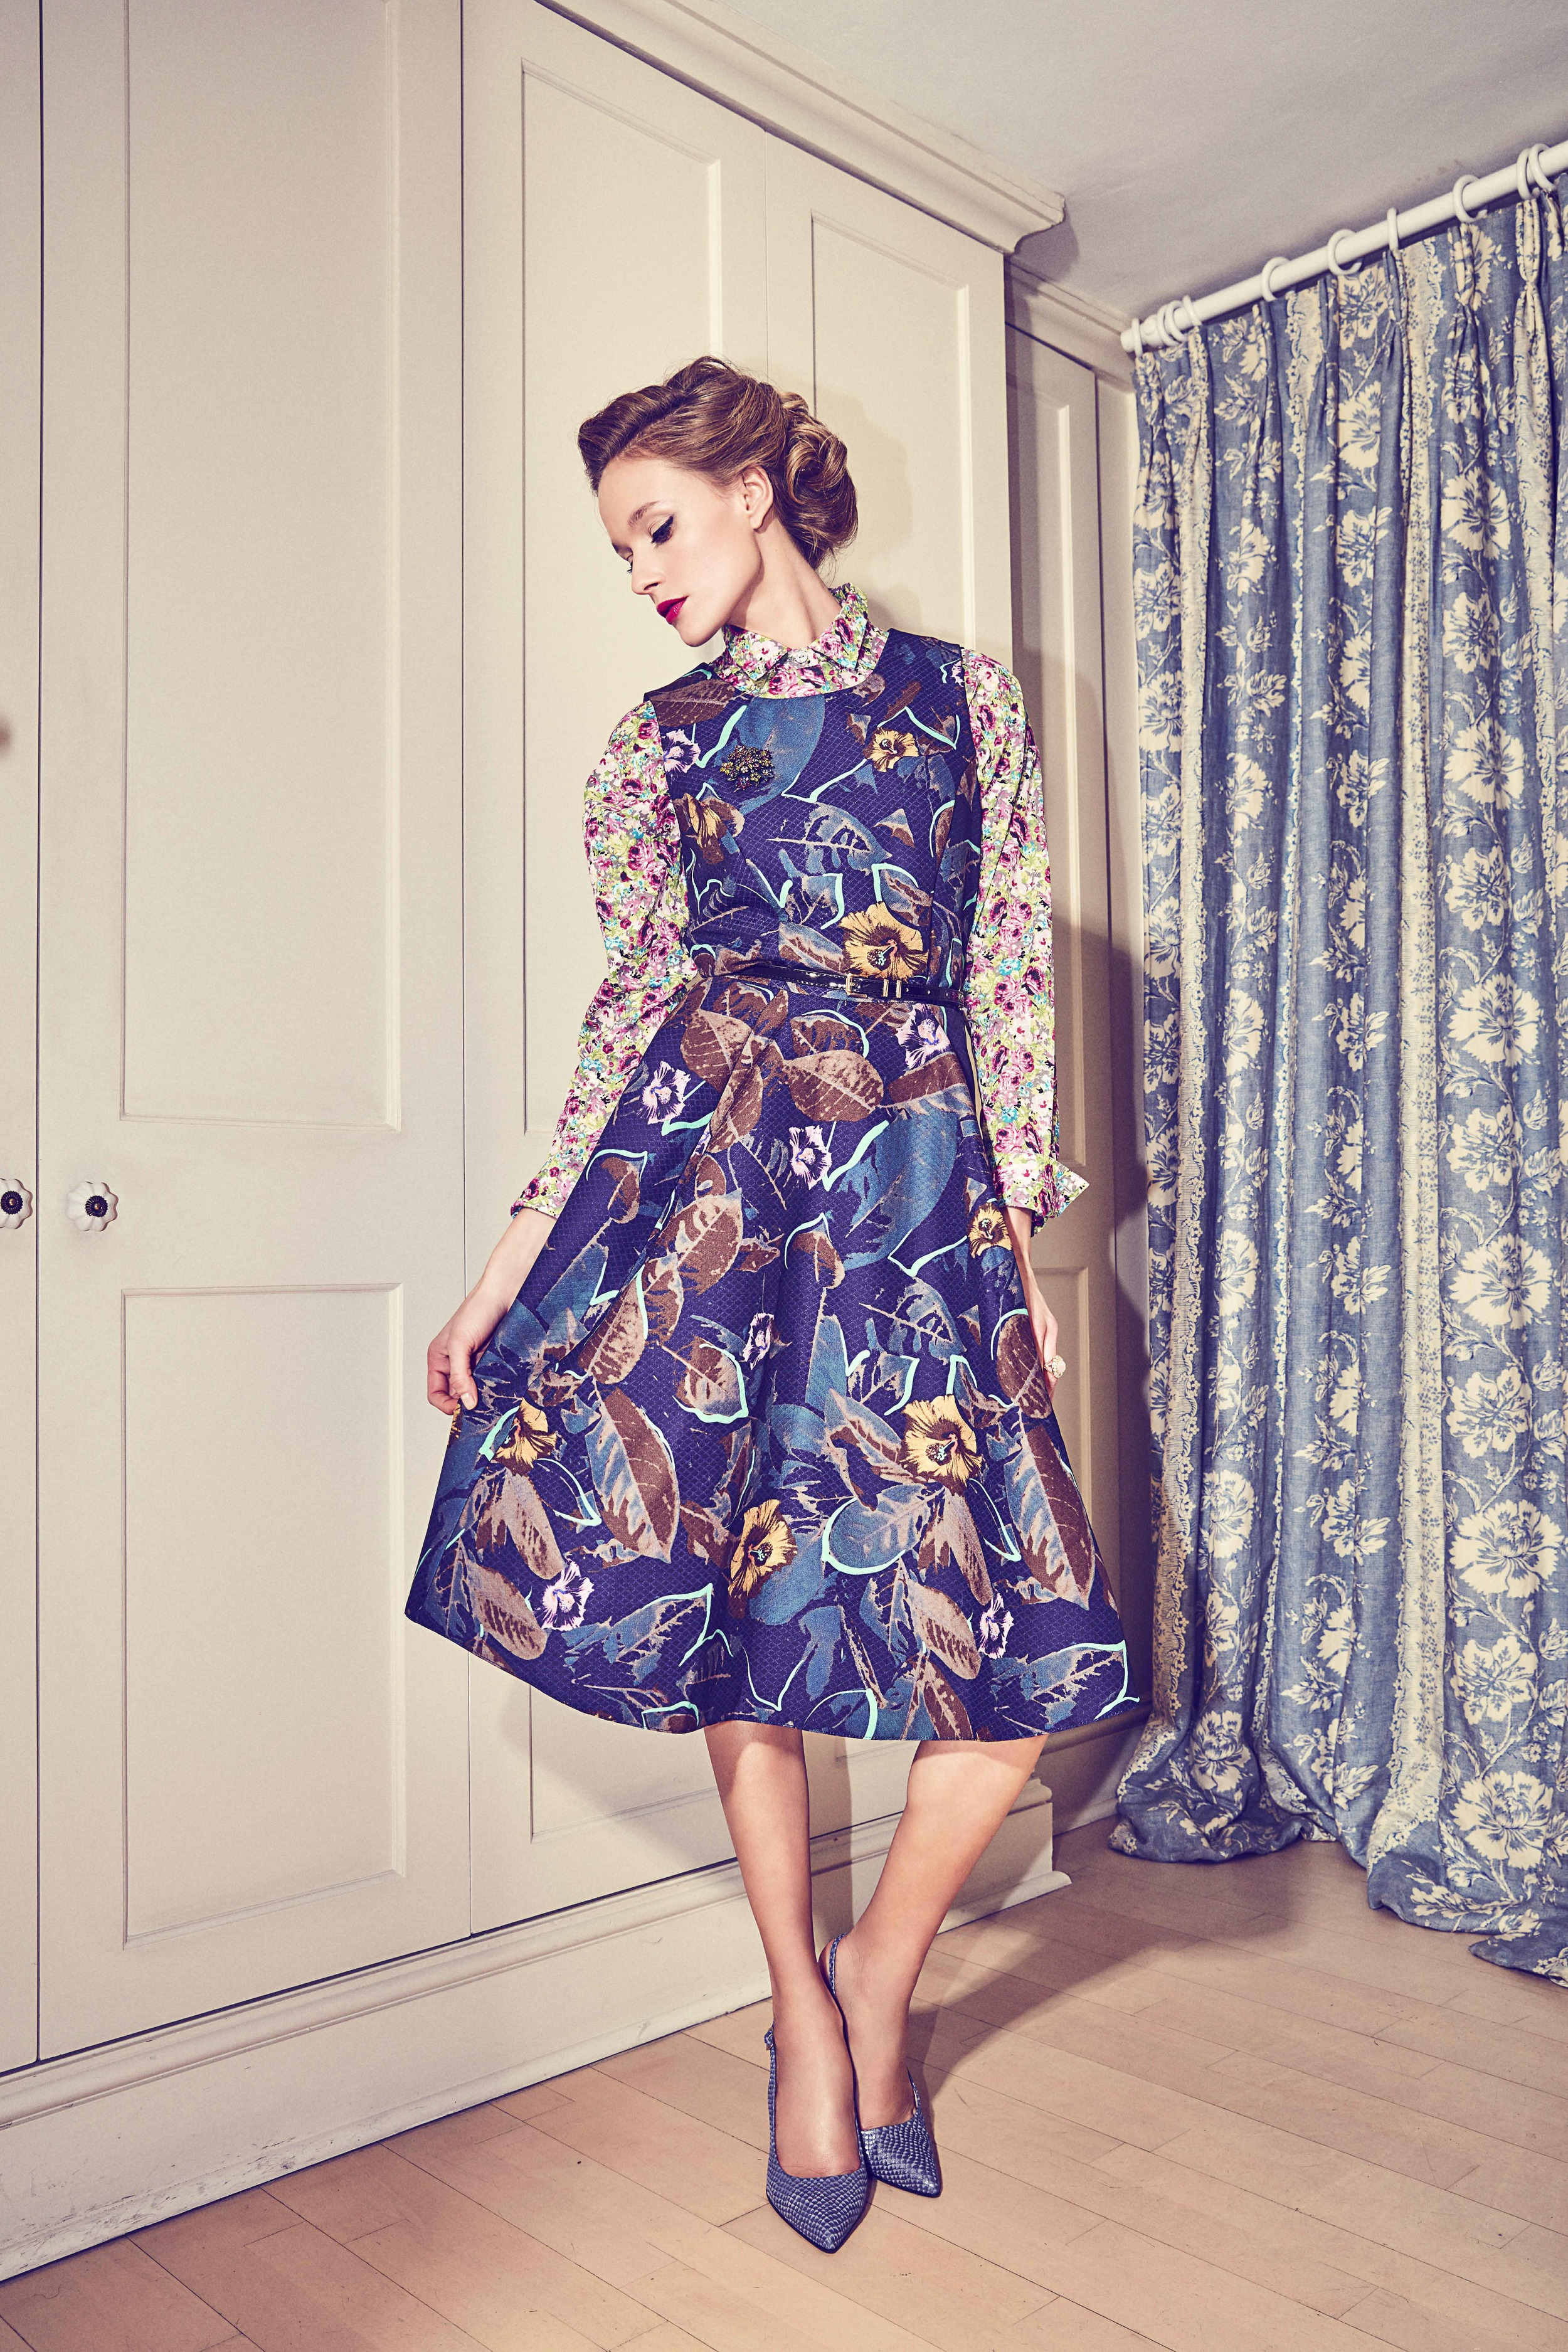 Dress, £50.95,   Close  t; shirt £25.99,   Zara  ; shoes £99,   Jones